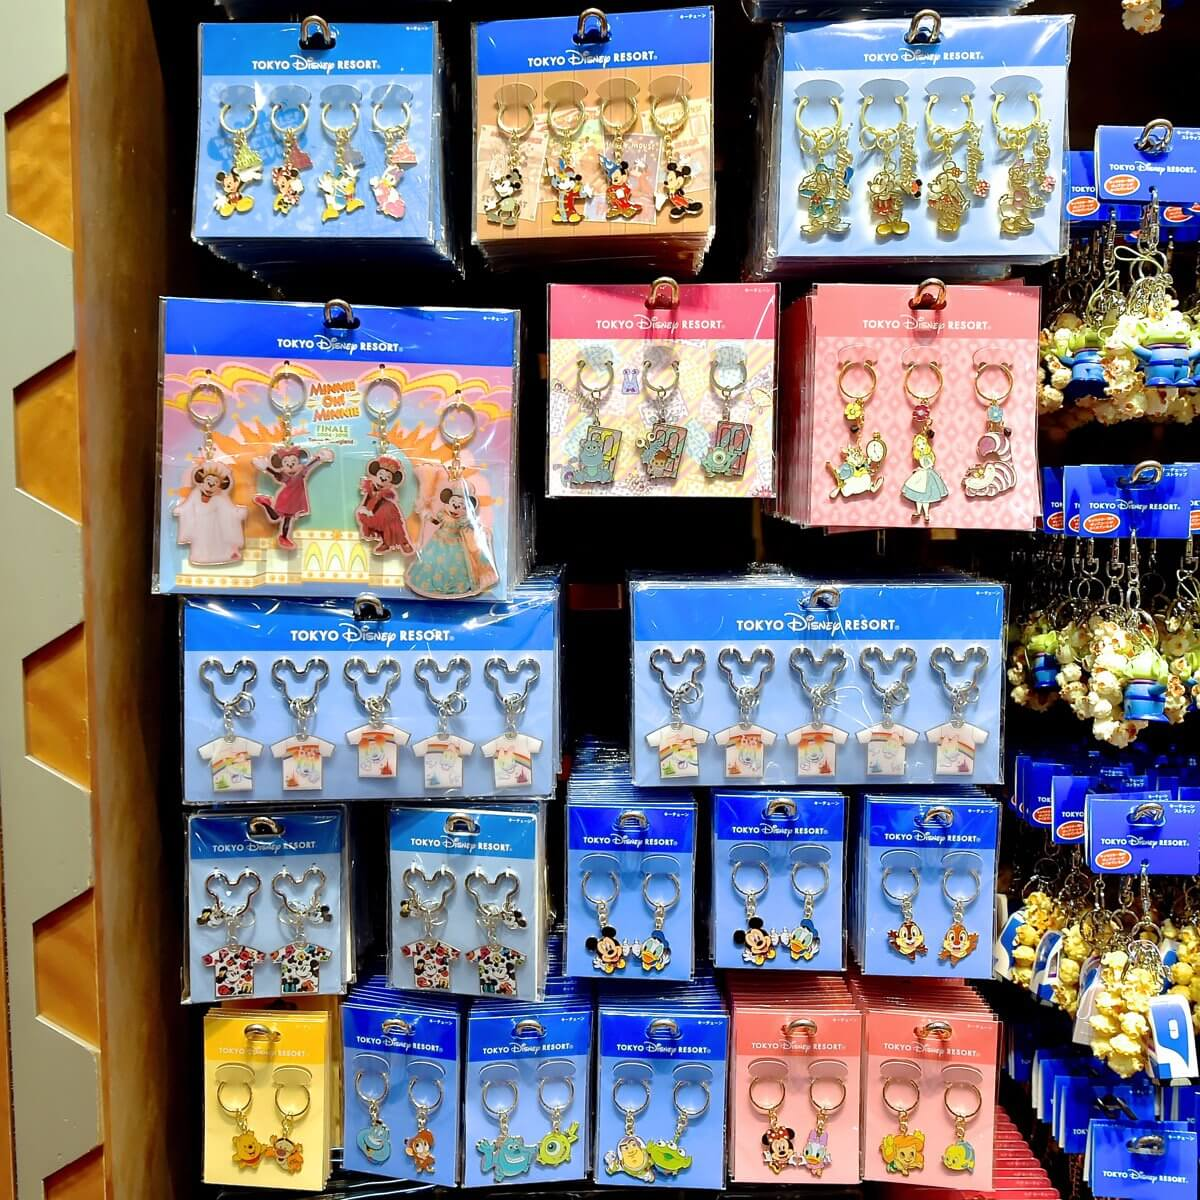 小分けもできてお土産に便利!東京ディズニーランド\u201c2018春夏